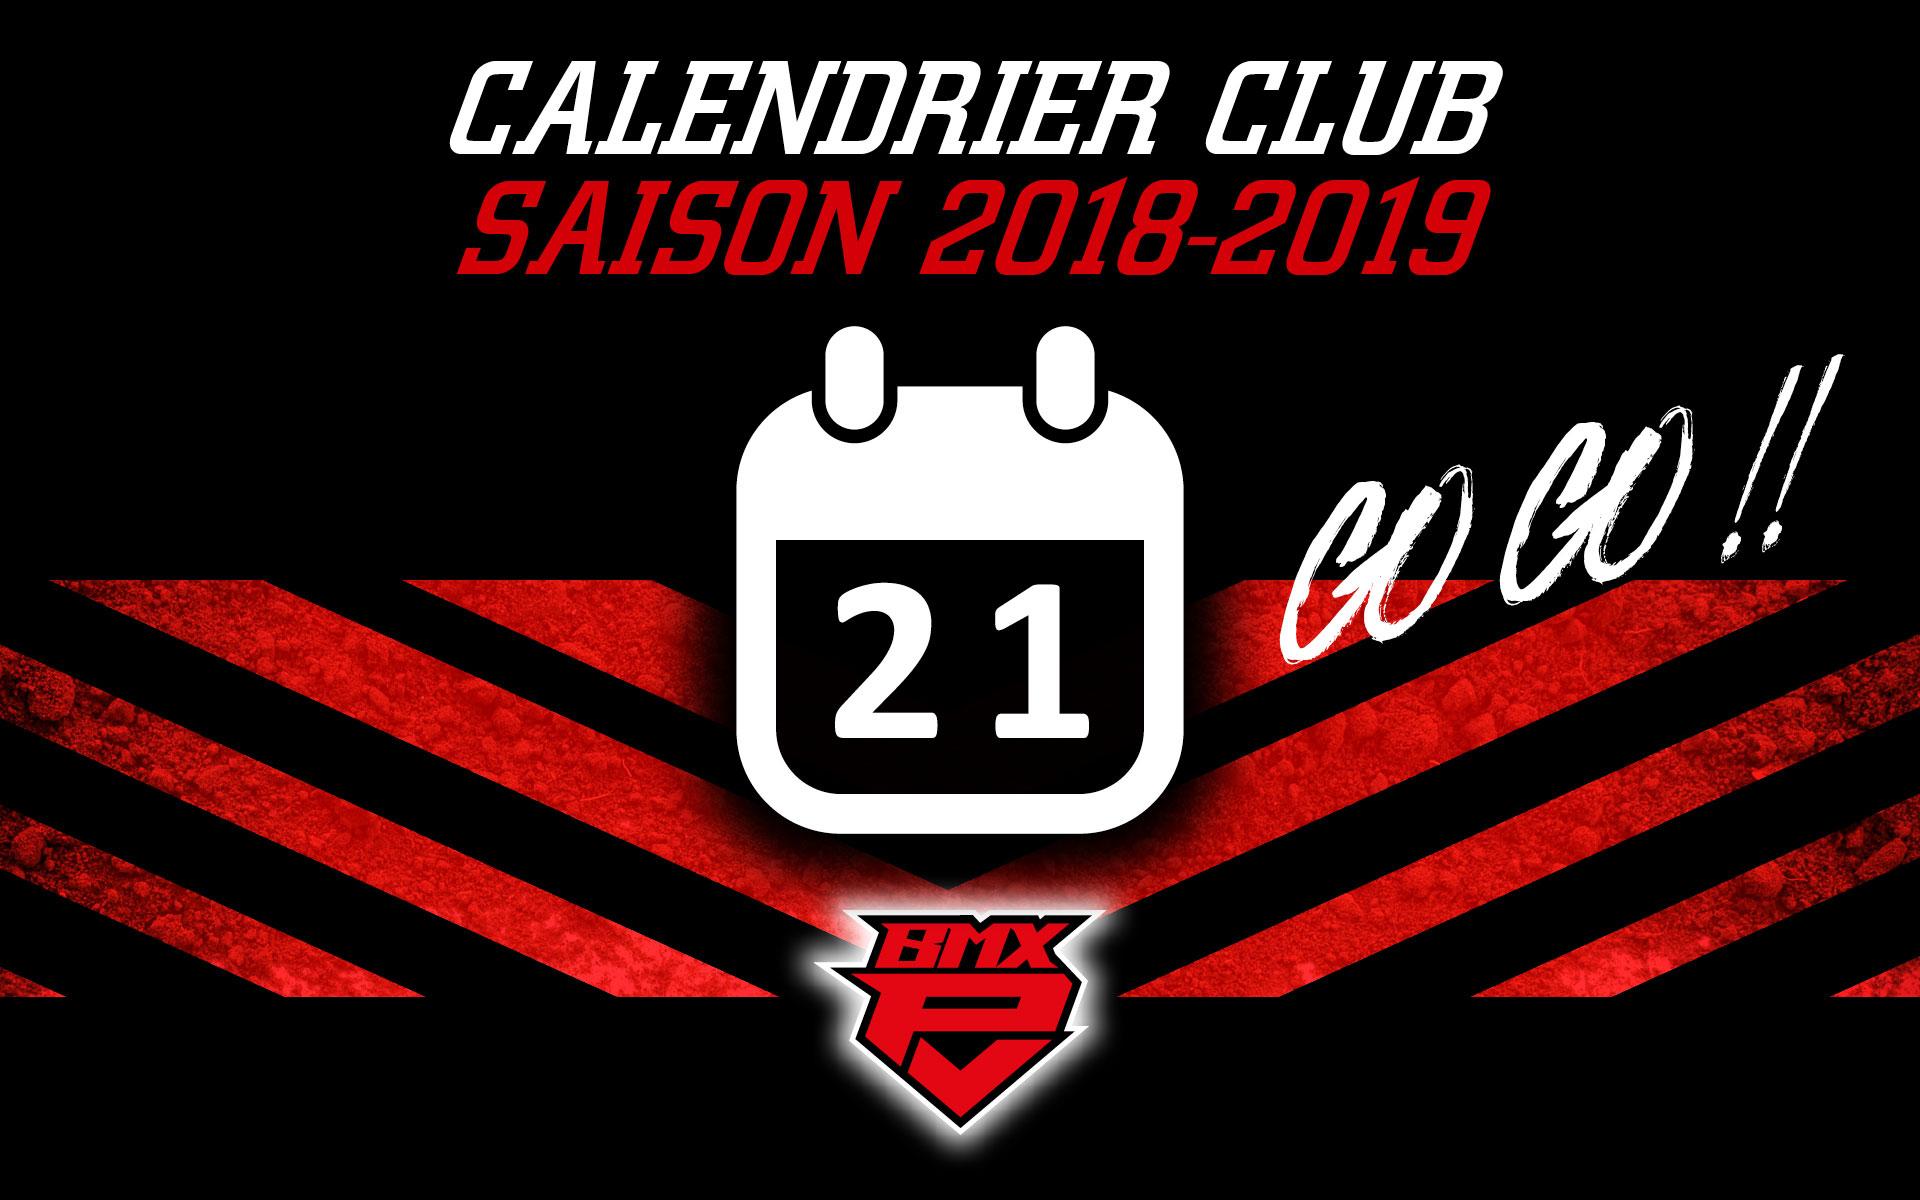 Calendrier Bmx 2019.Calendrier Club Saison 2018 2019 Bmx Puget Ville